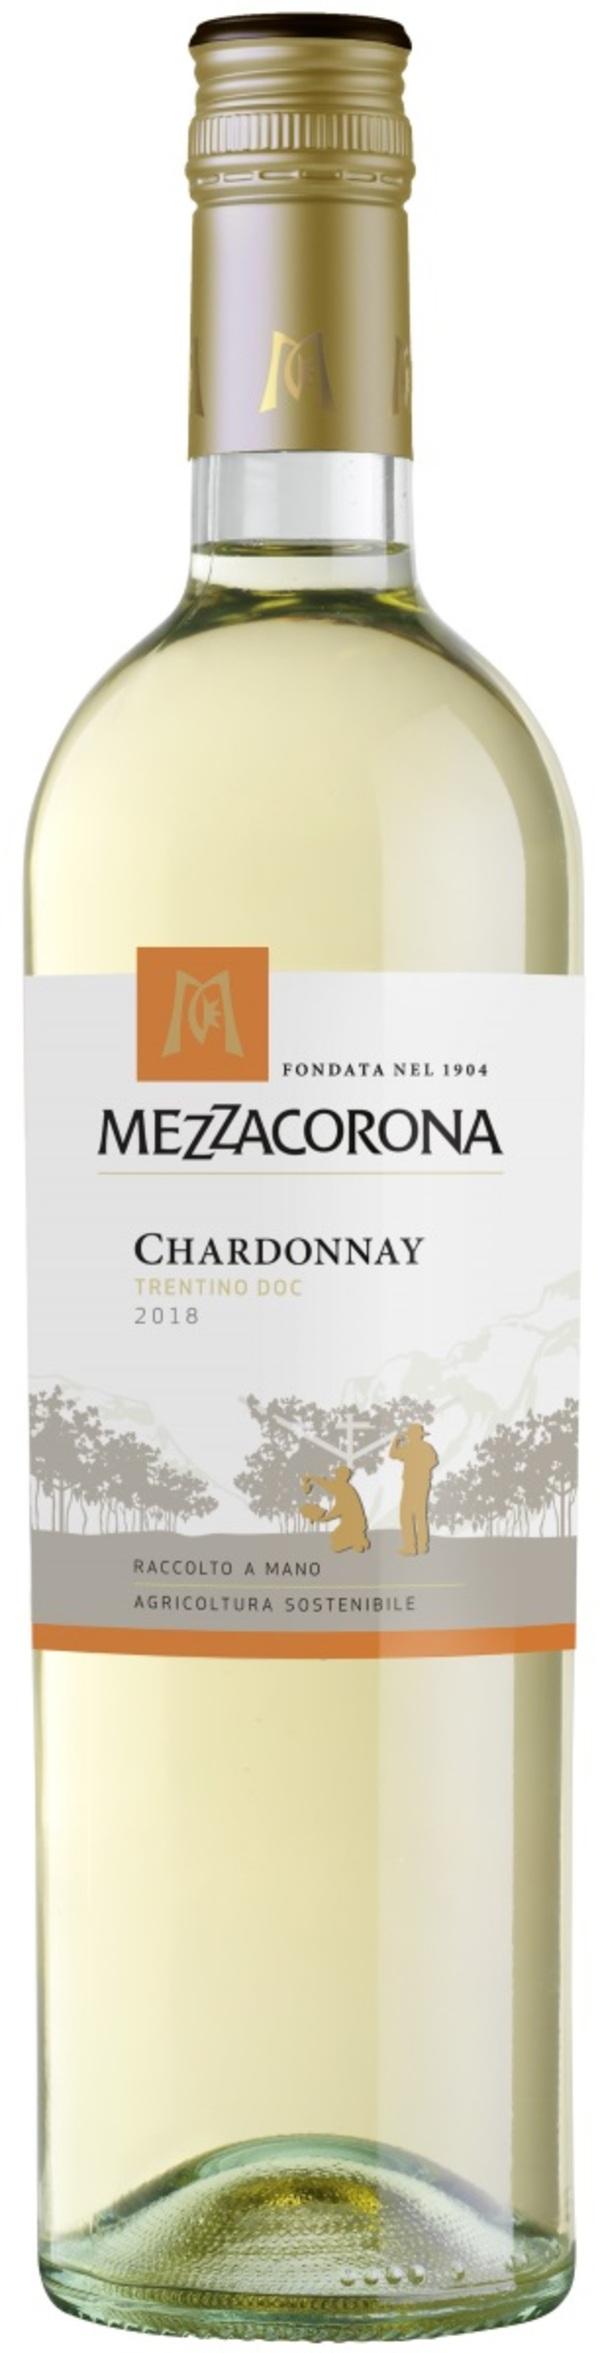 Mezzacorona Chardonnay DOC Weißwein 2019 0,75 ltr